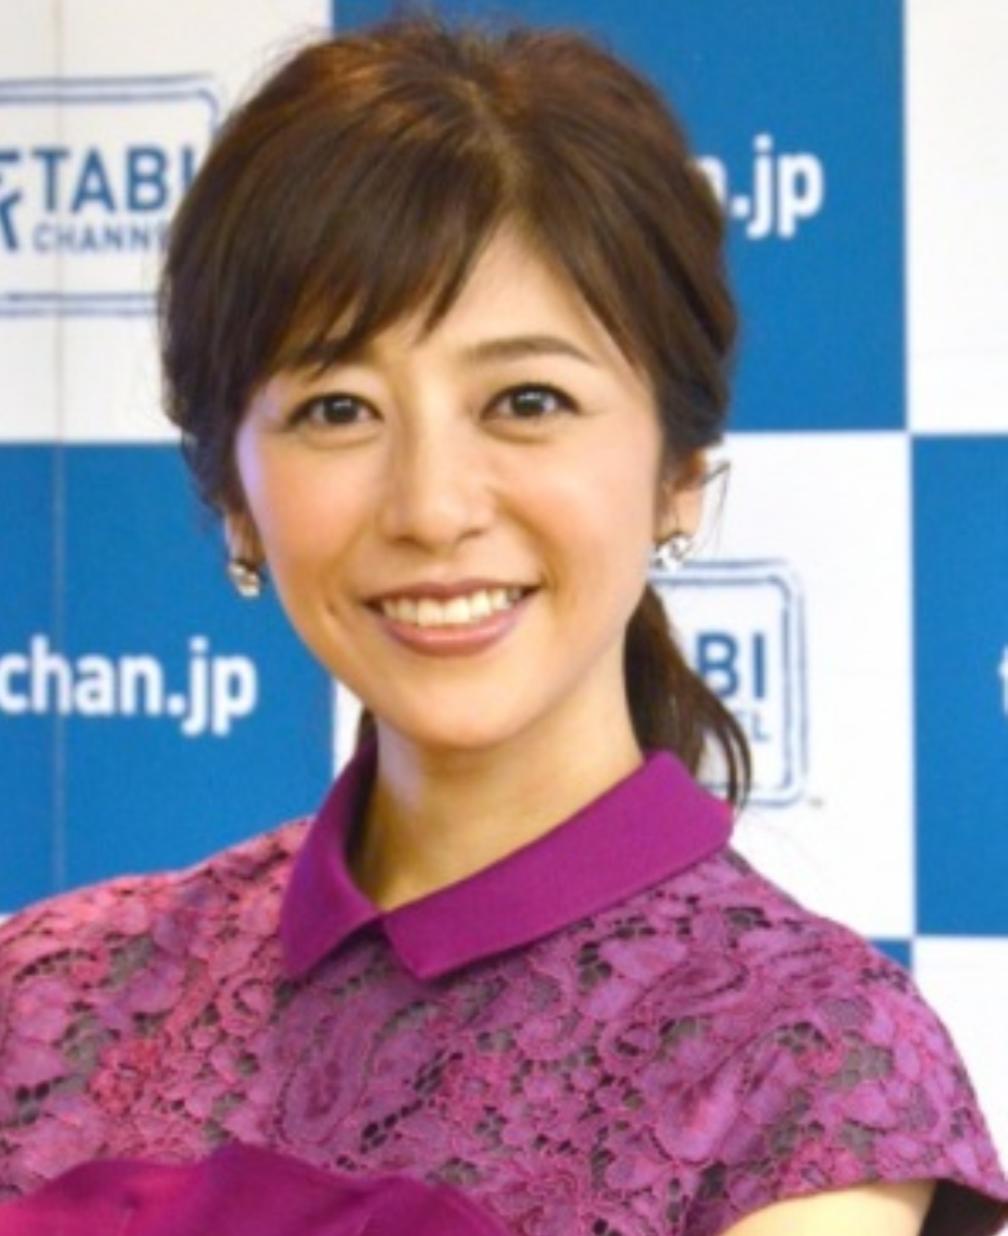 「ブスおばさん」が詐欺メイクで菅野美穂に大変身 「色っぽい美人」に拍手喝采